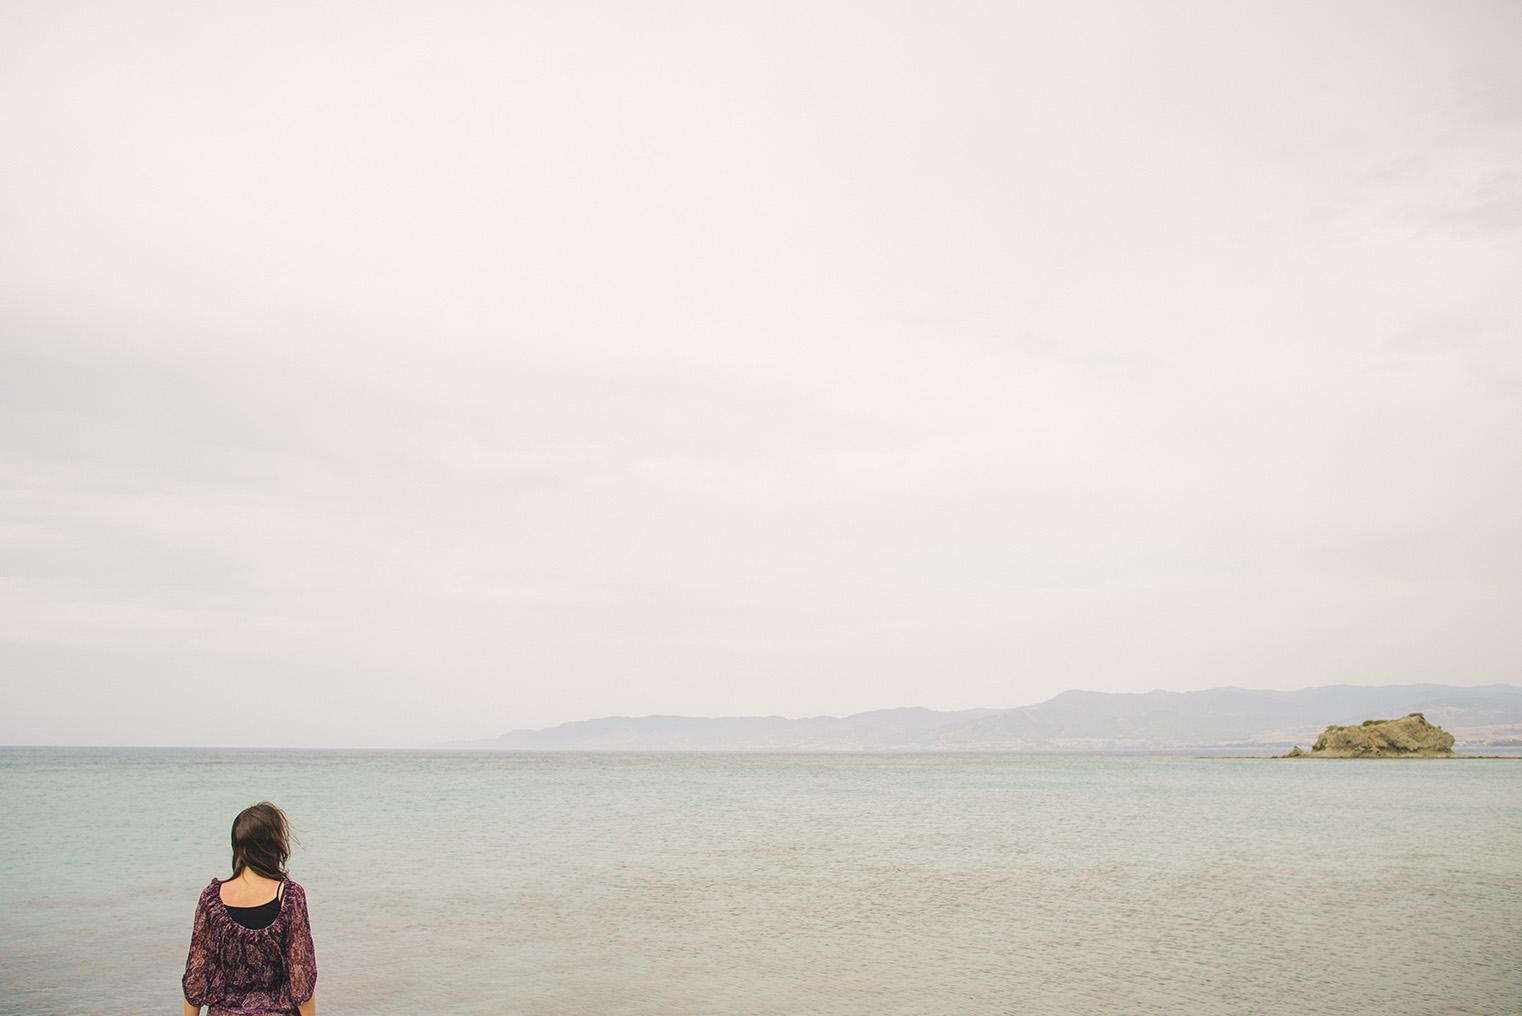 06.Polwysep Akamas - Cypr z dzieckiem